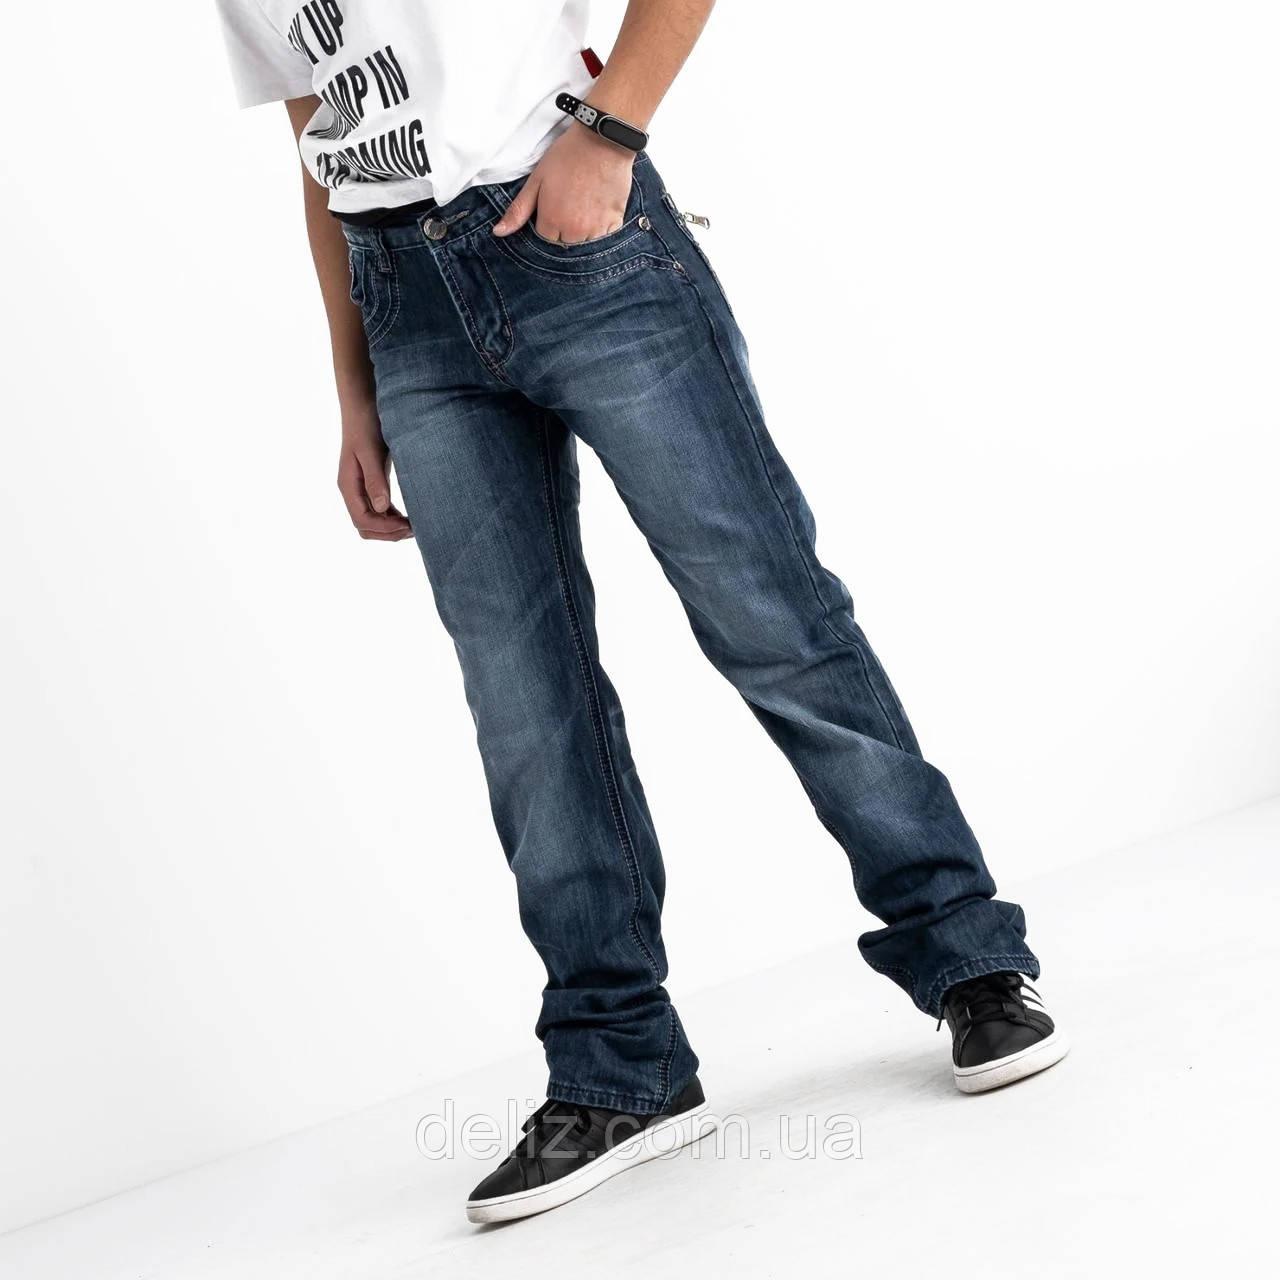 Сині джинси однотонні Vigoocc 7046. Розмір 29 (на 14-15 років, є заміри)